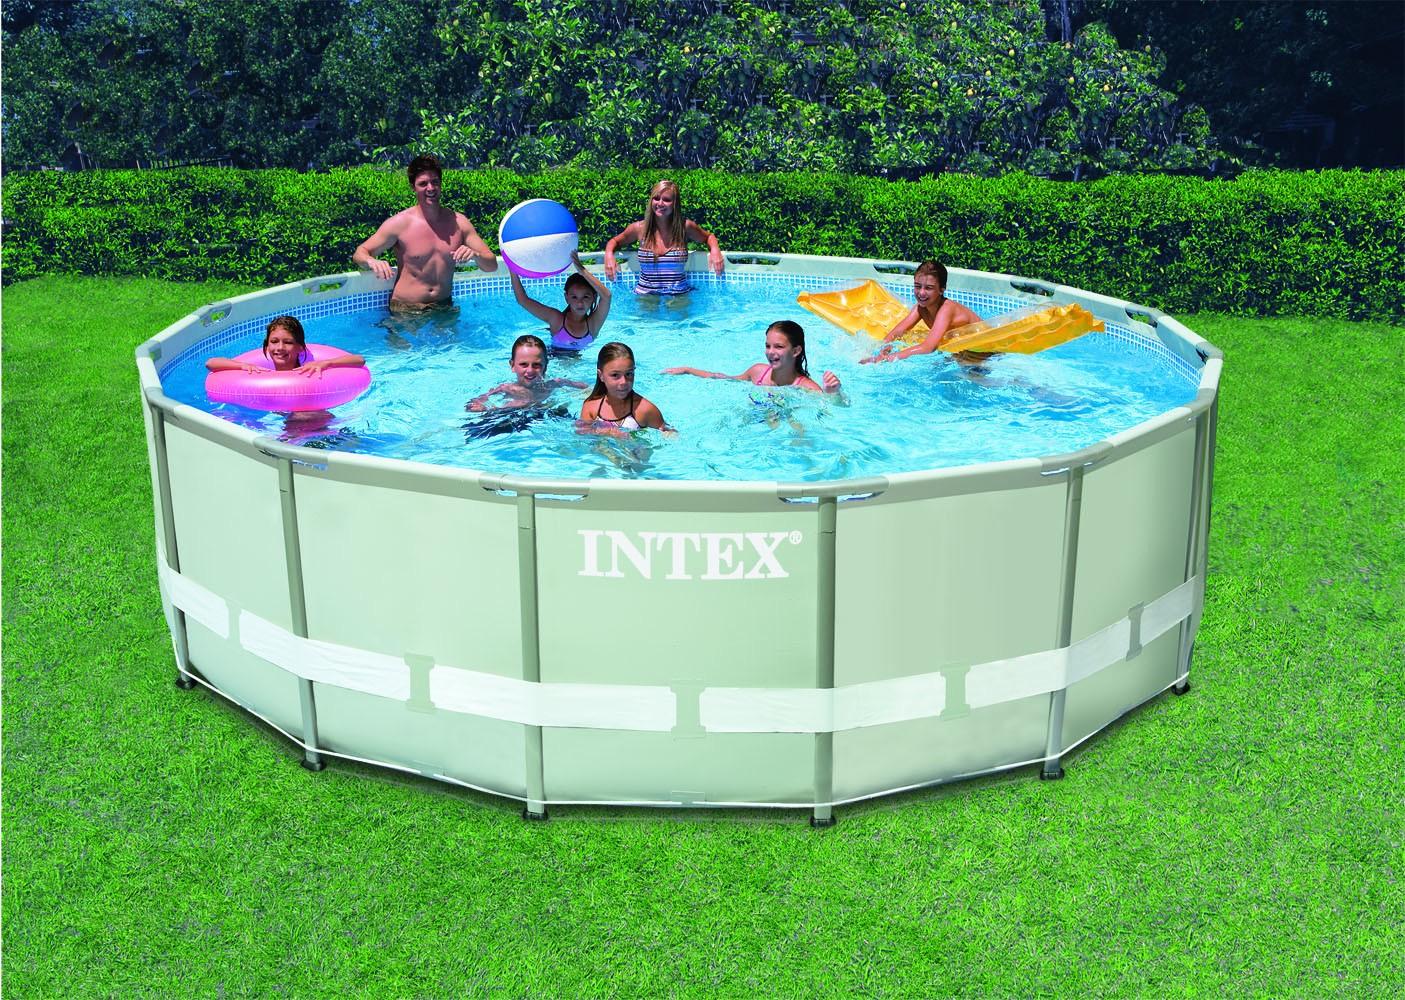 intex ultra frame pool 549x132 cm set met filterpomp. Black Bedroom Furniture Sets. Home Design Ideas